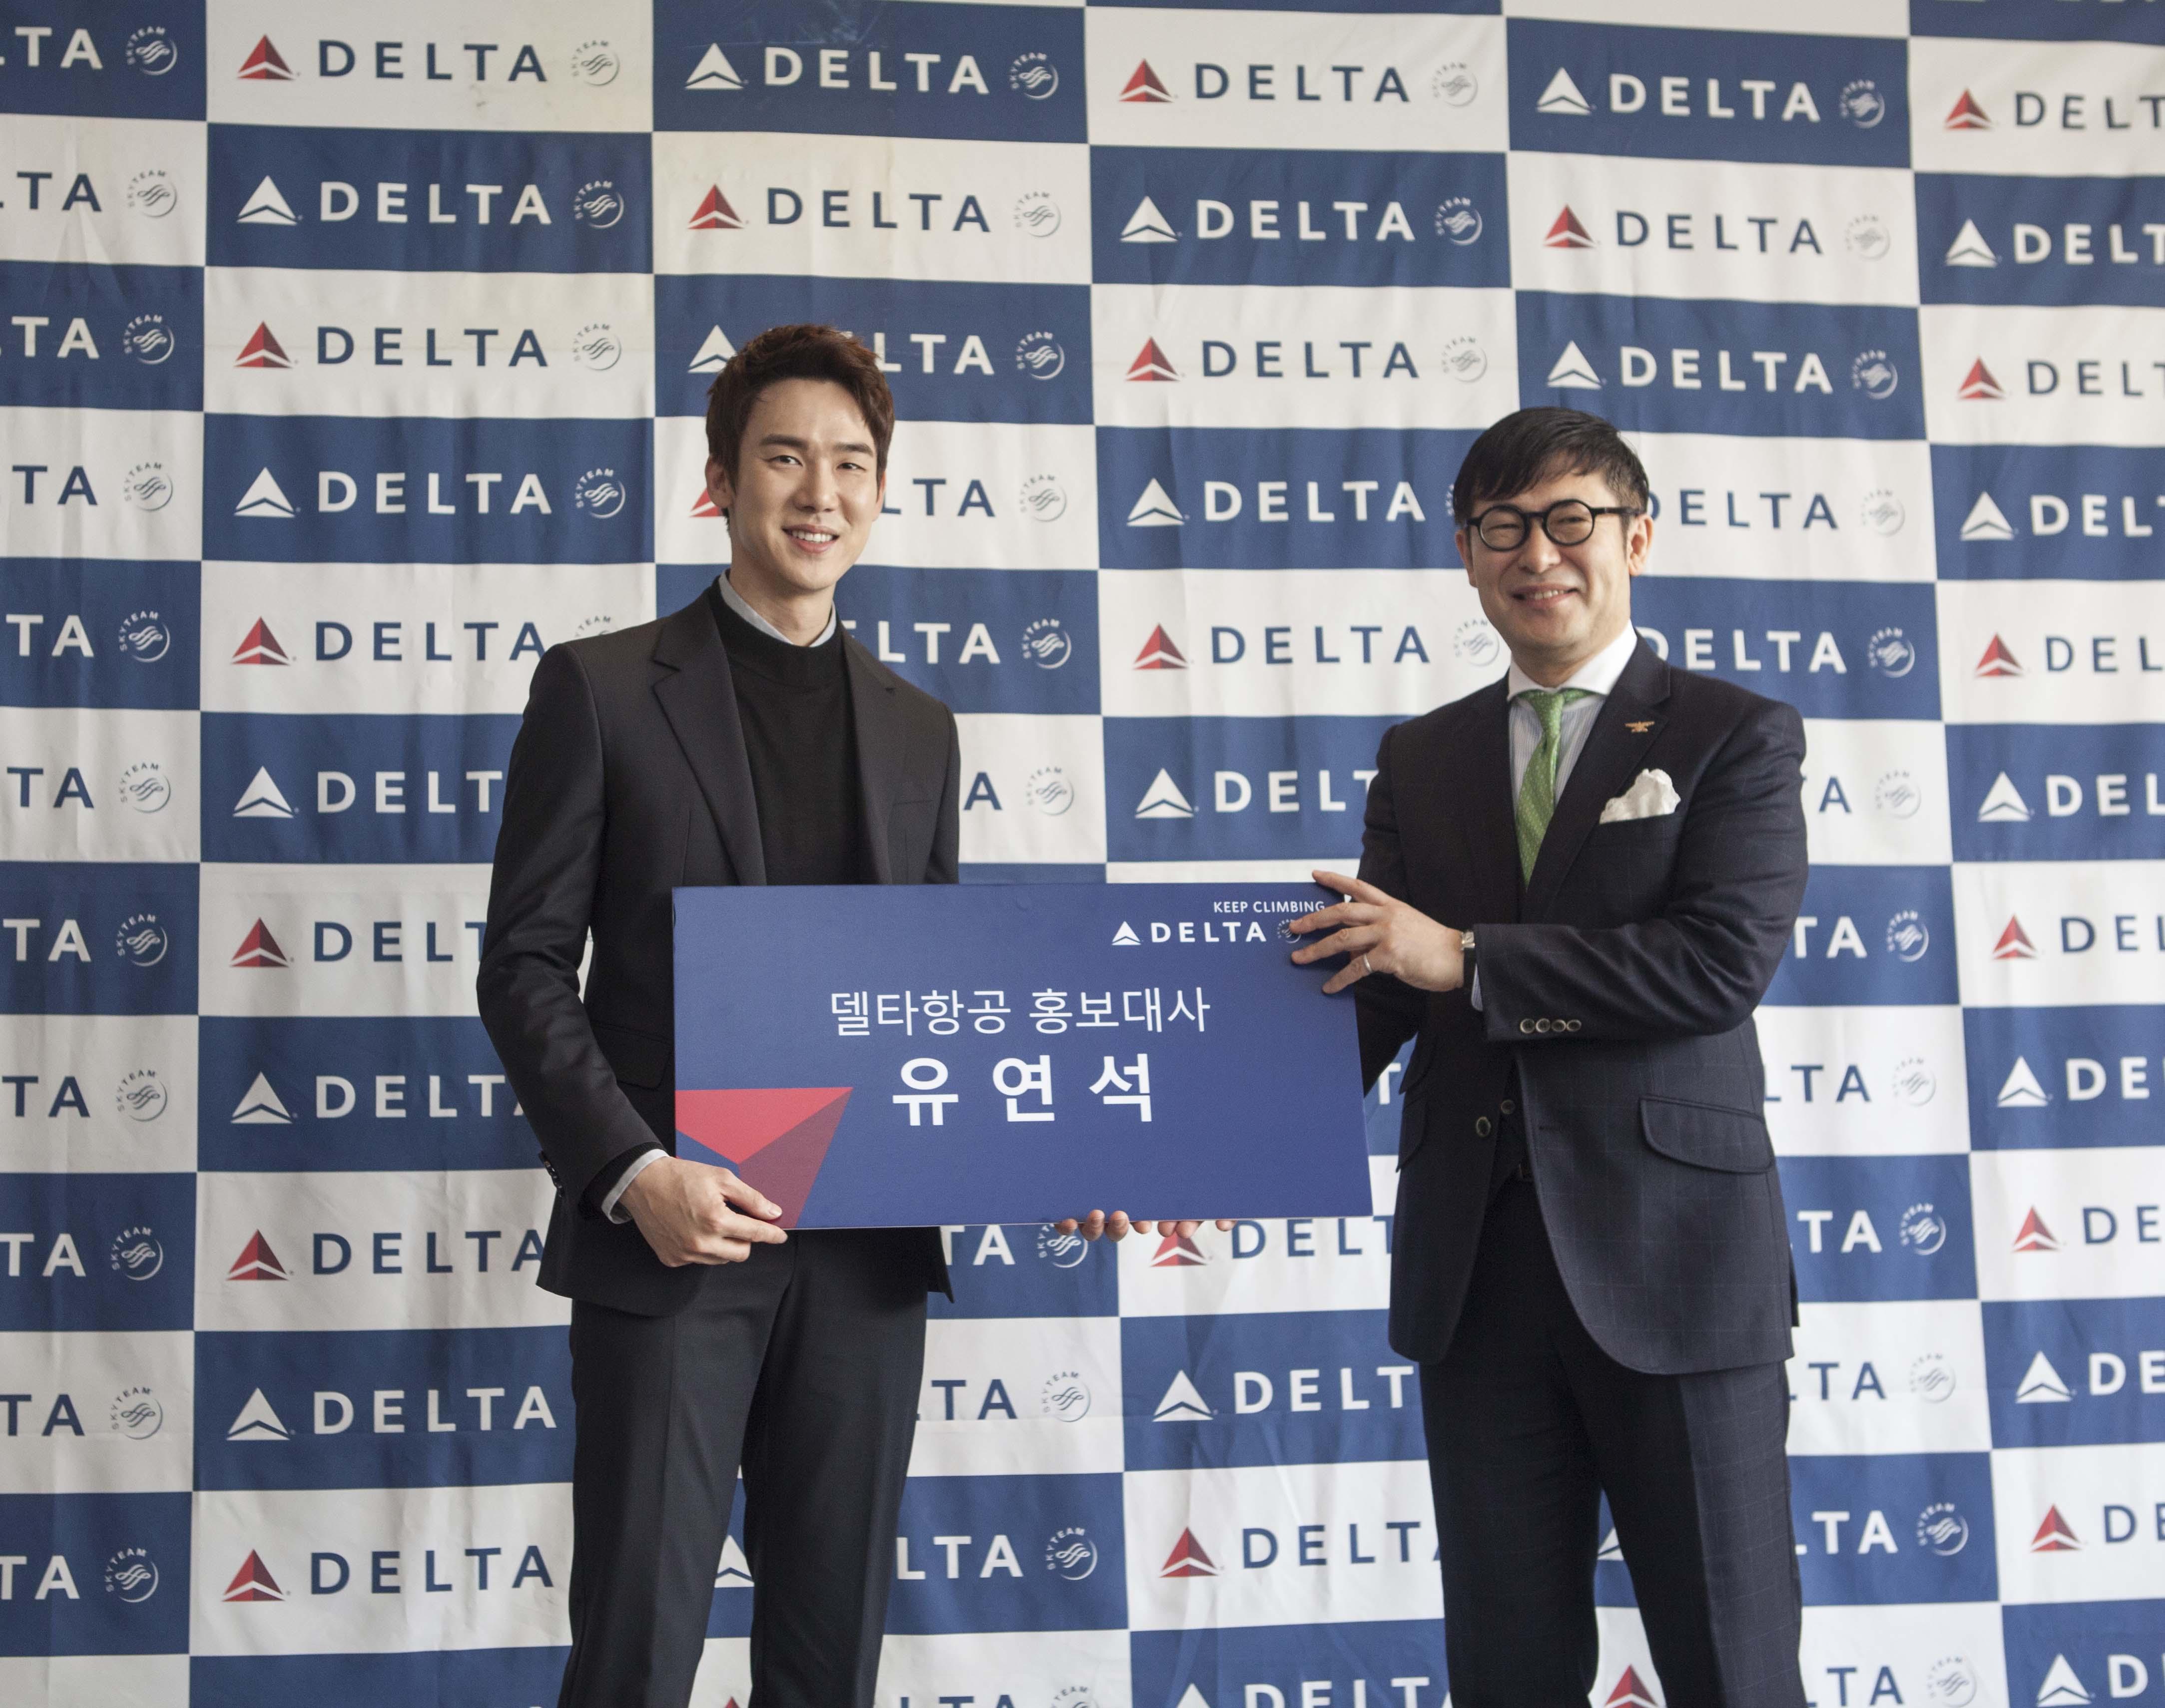 Korean Men holding sign